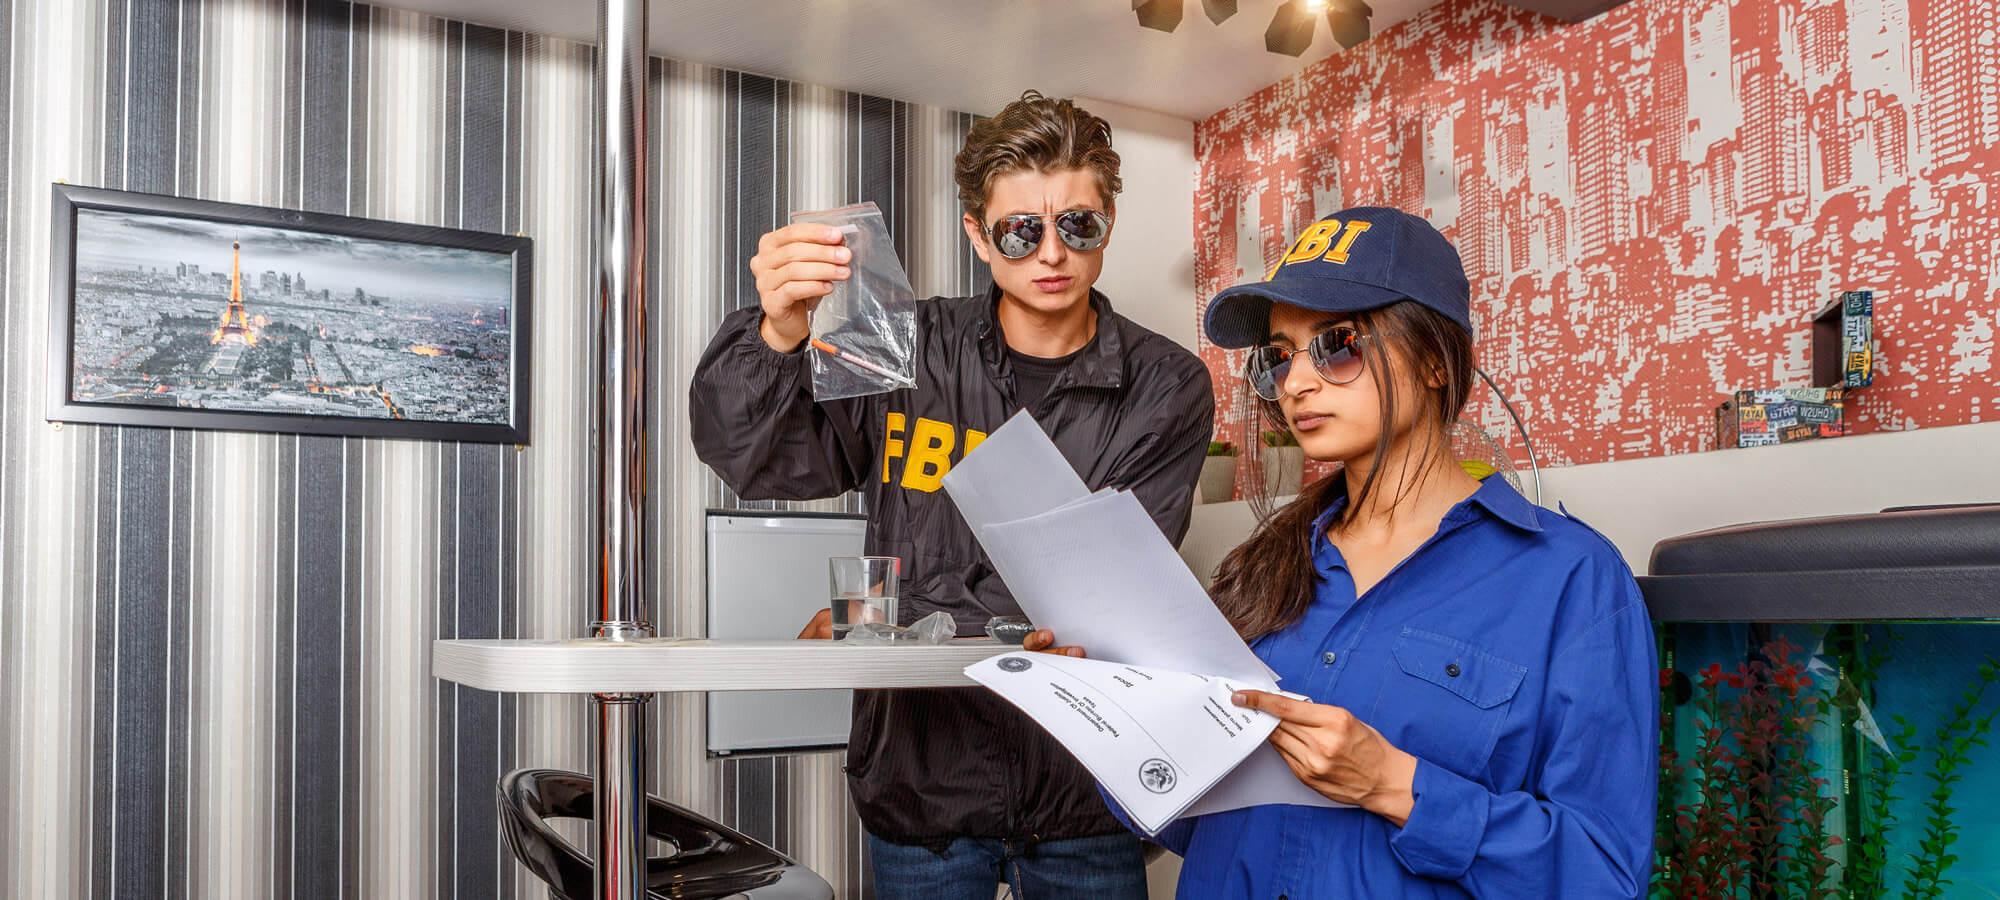 2 Фото квест комнаты ФБР 2.0: академия убийства в городе Киев